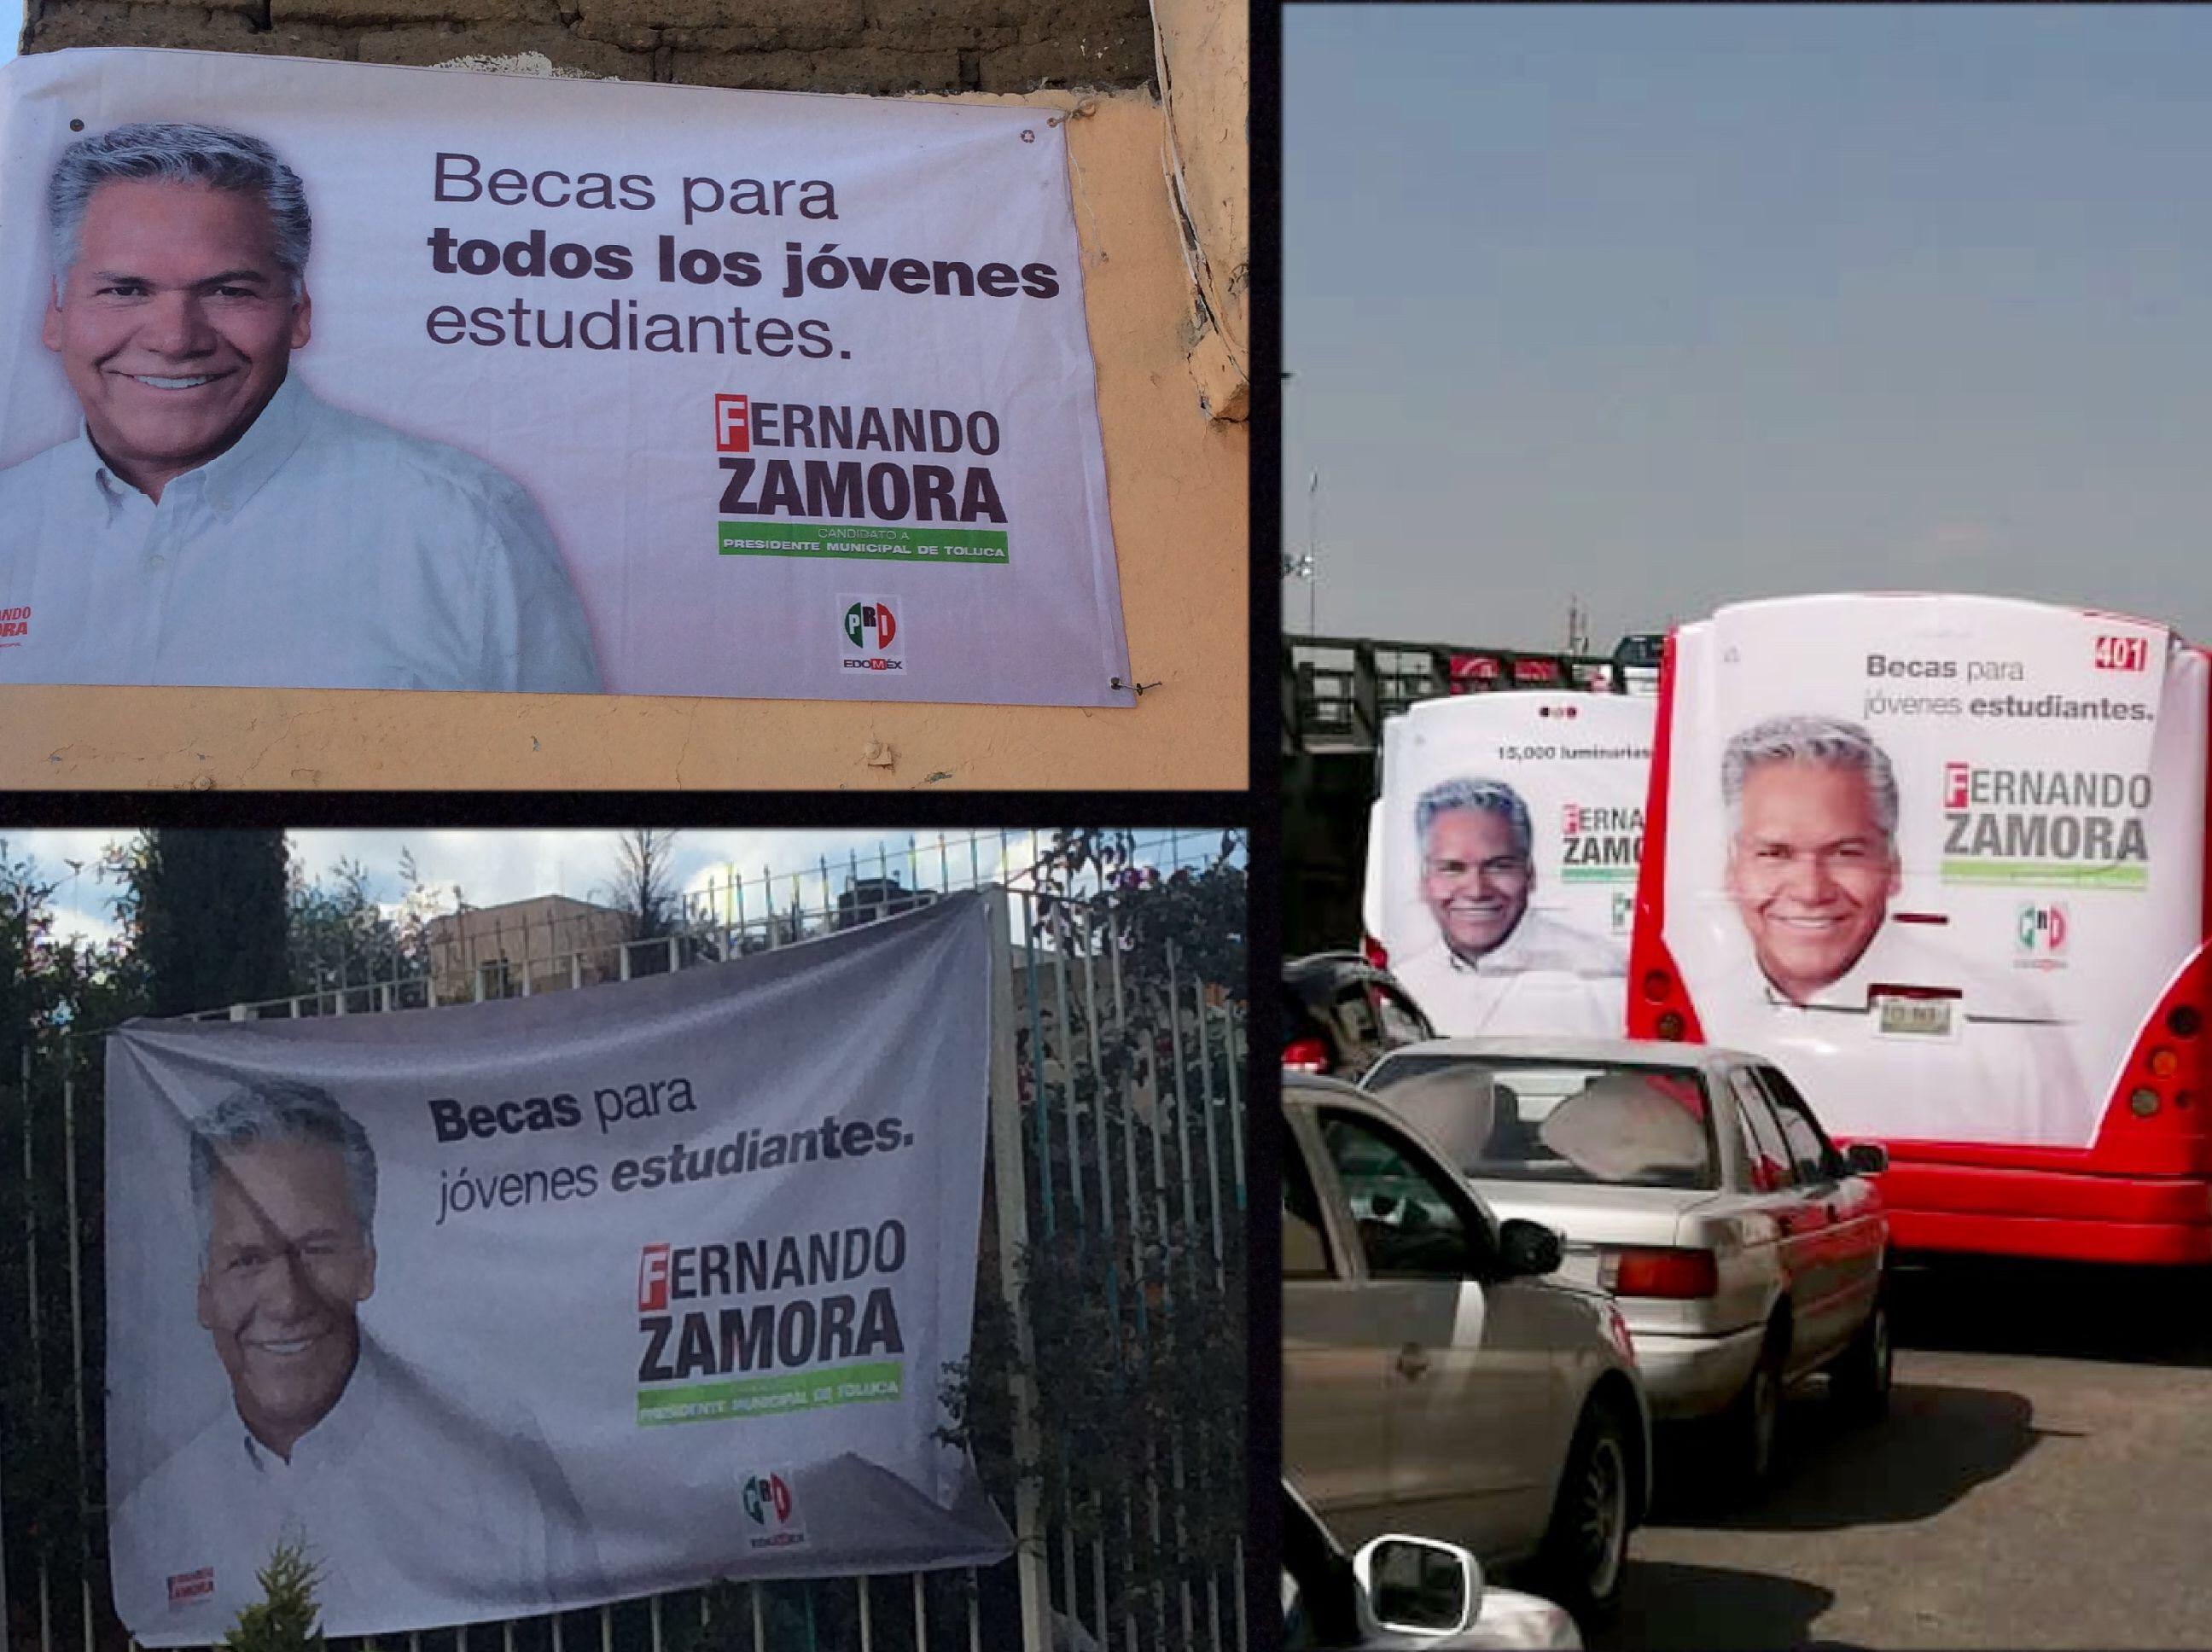 Tapizan Toluca con imagen de Fernando Zamora